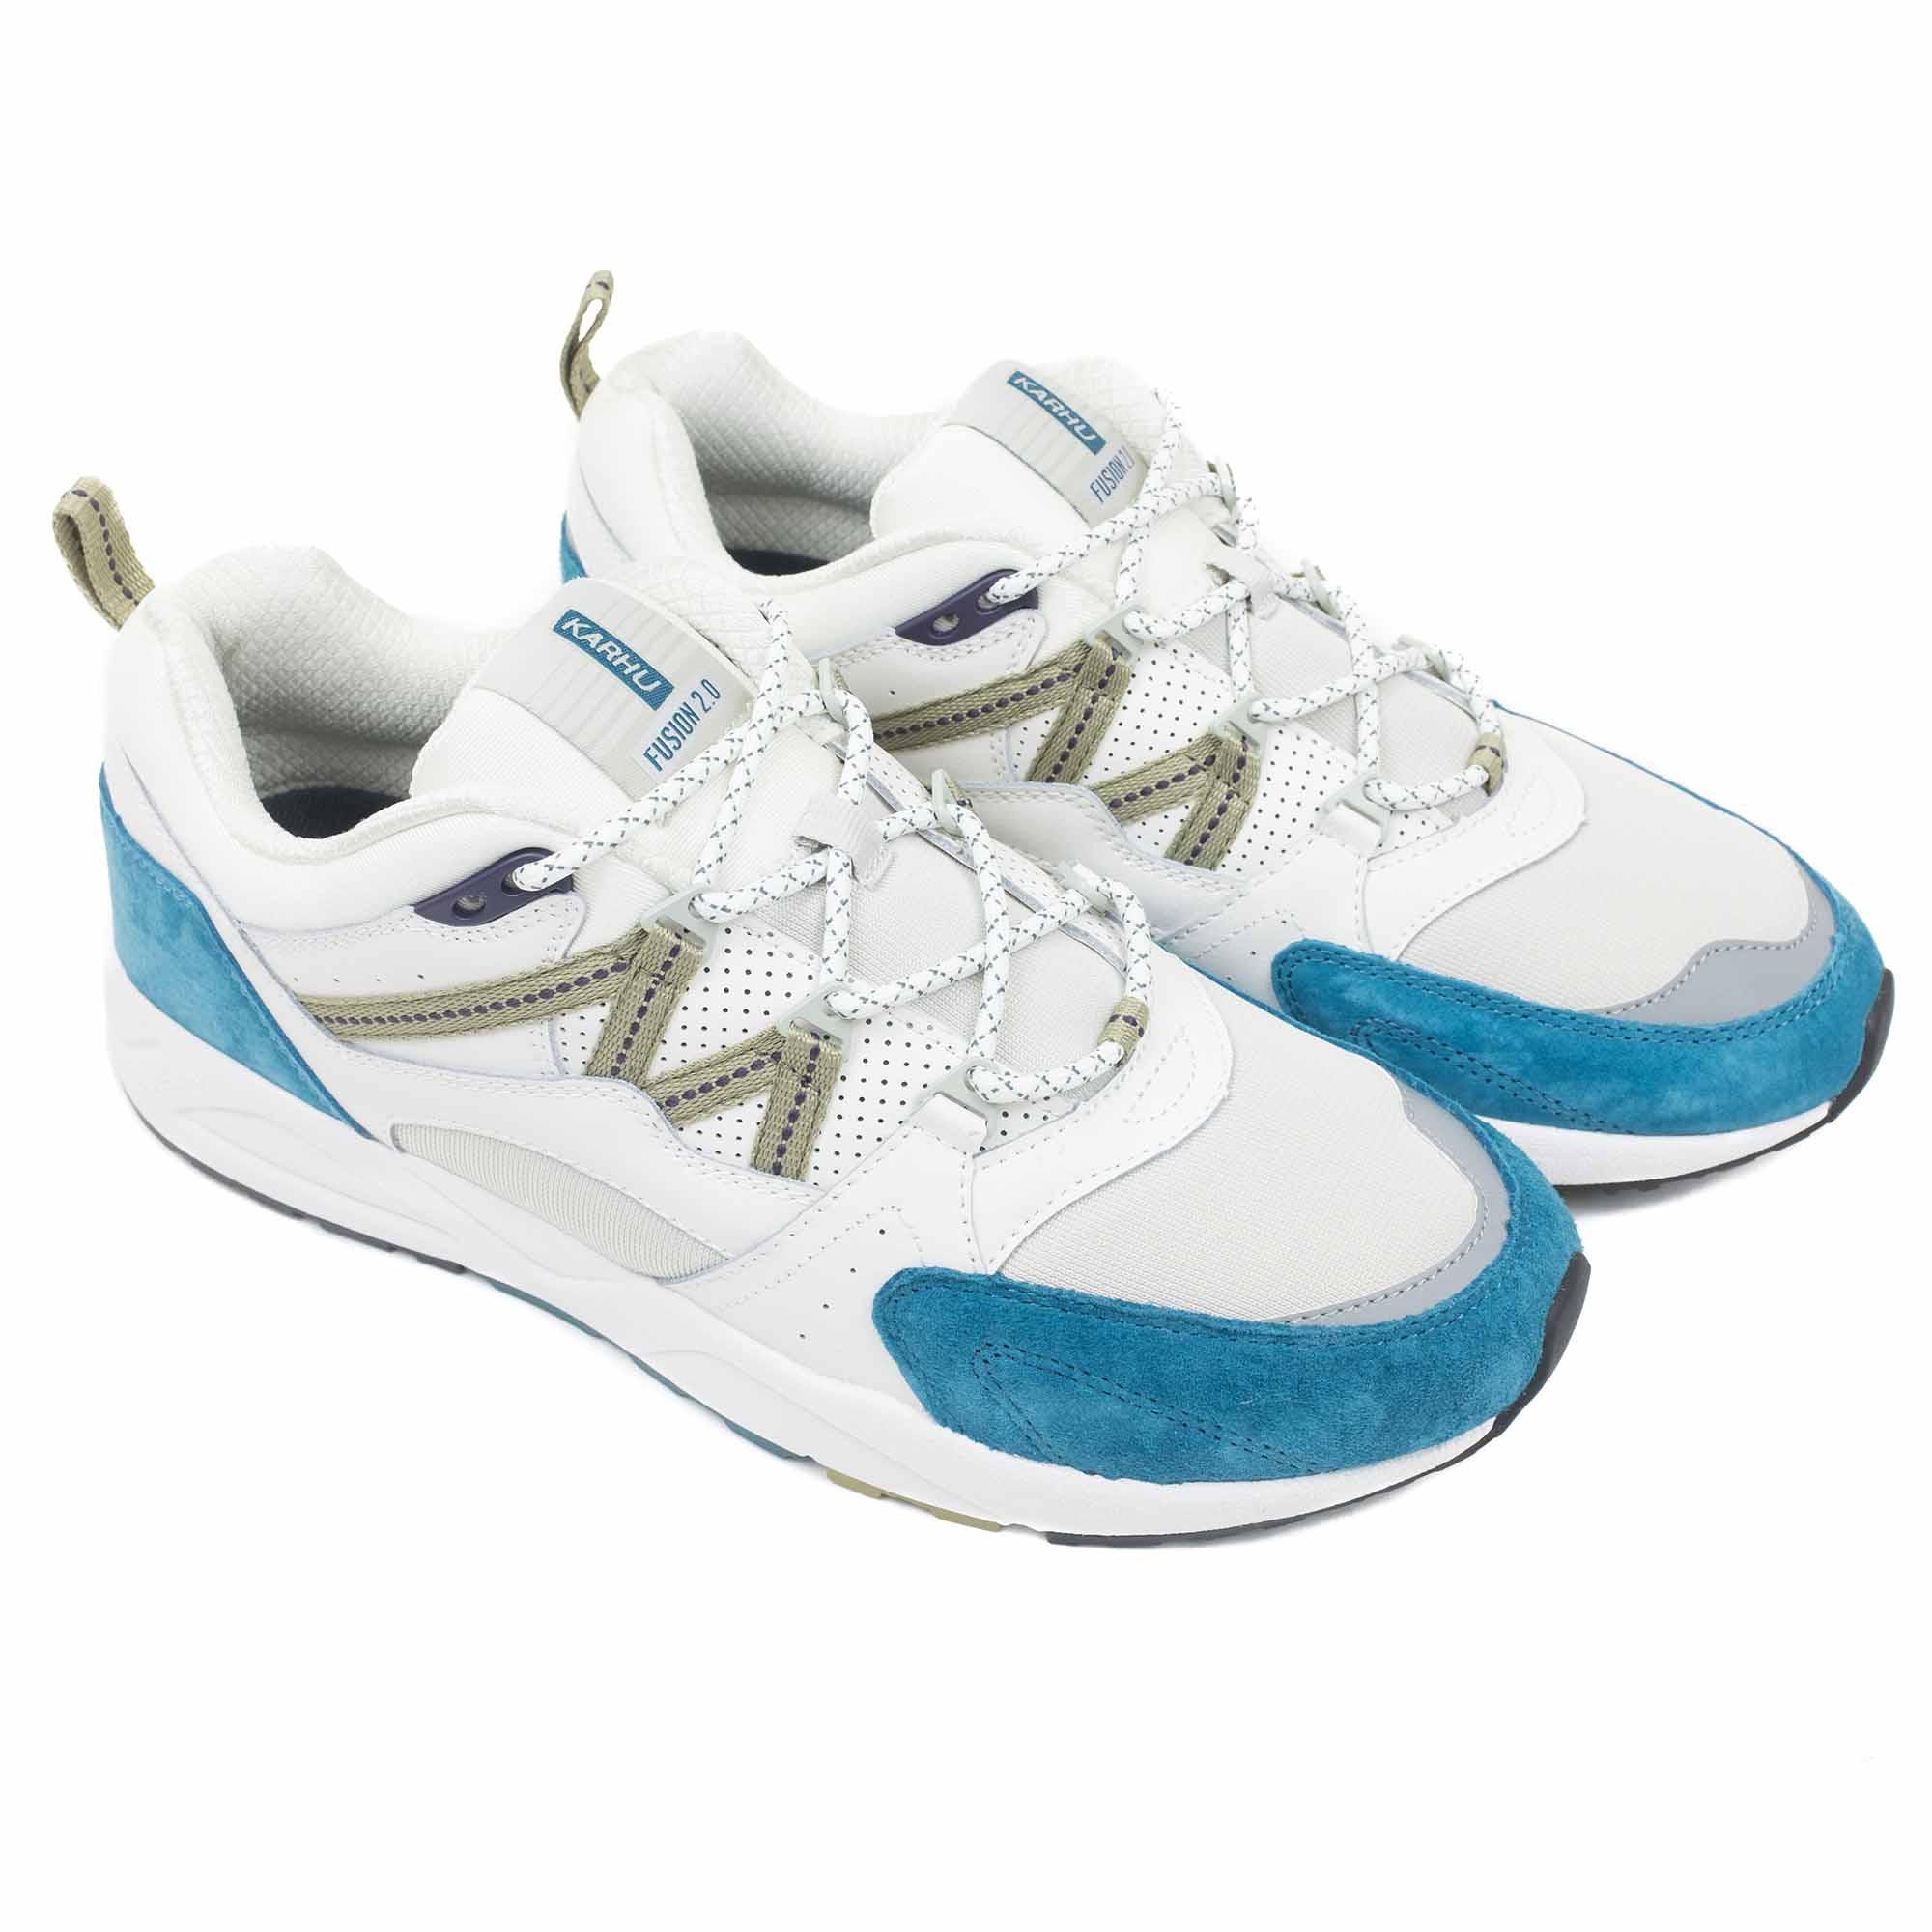 Karhu Fusion 2.0 - Blue Coral/Boa